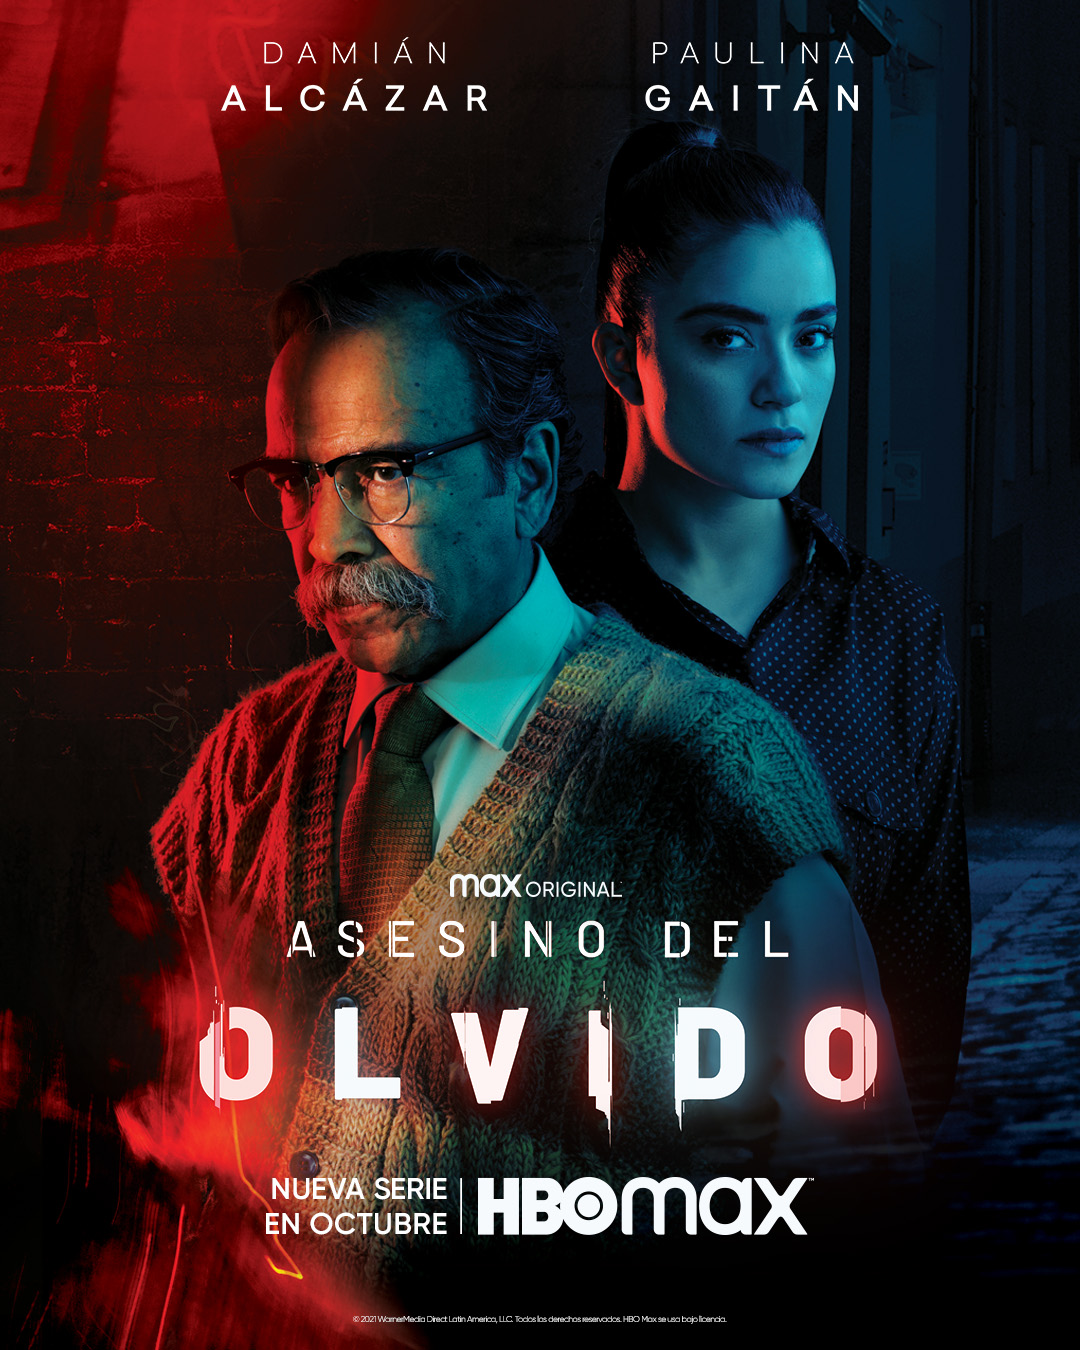 Asesino del olvido, la nueva producción MAX original mexicana llega a HBO Max este octubre